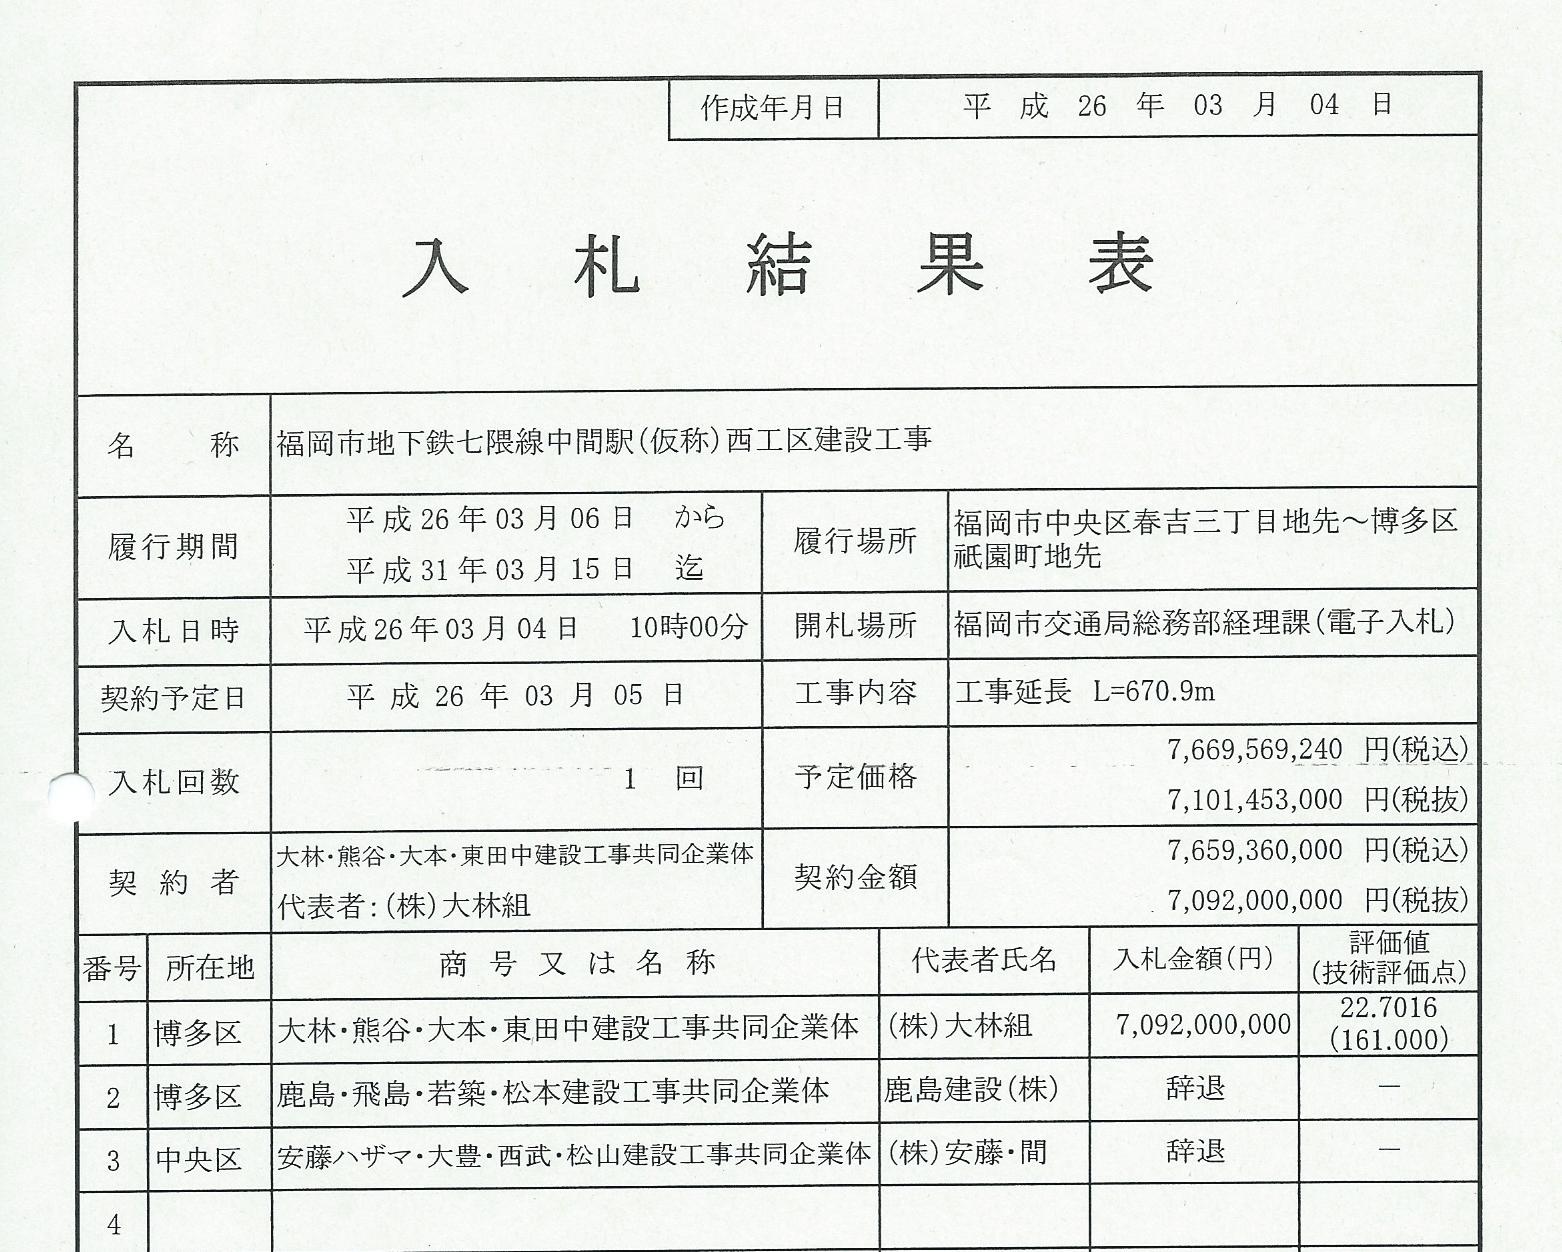 http://hunter-investigate.jp/news/2014/04/22/%E5%85%A5%E6%9C%AD%EF%BC%91-1.jpg